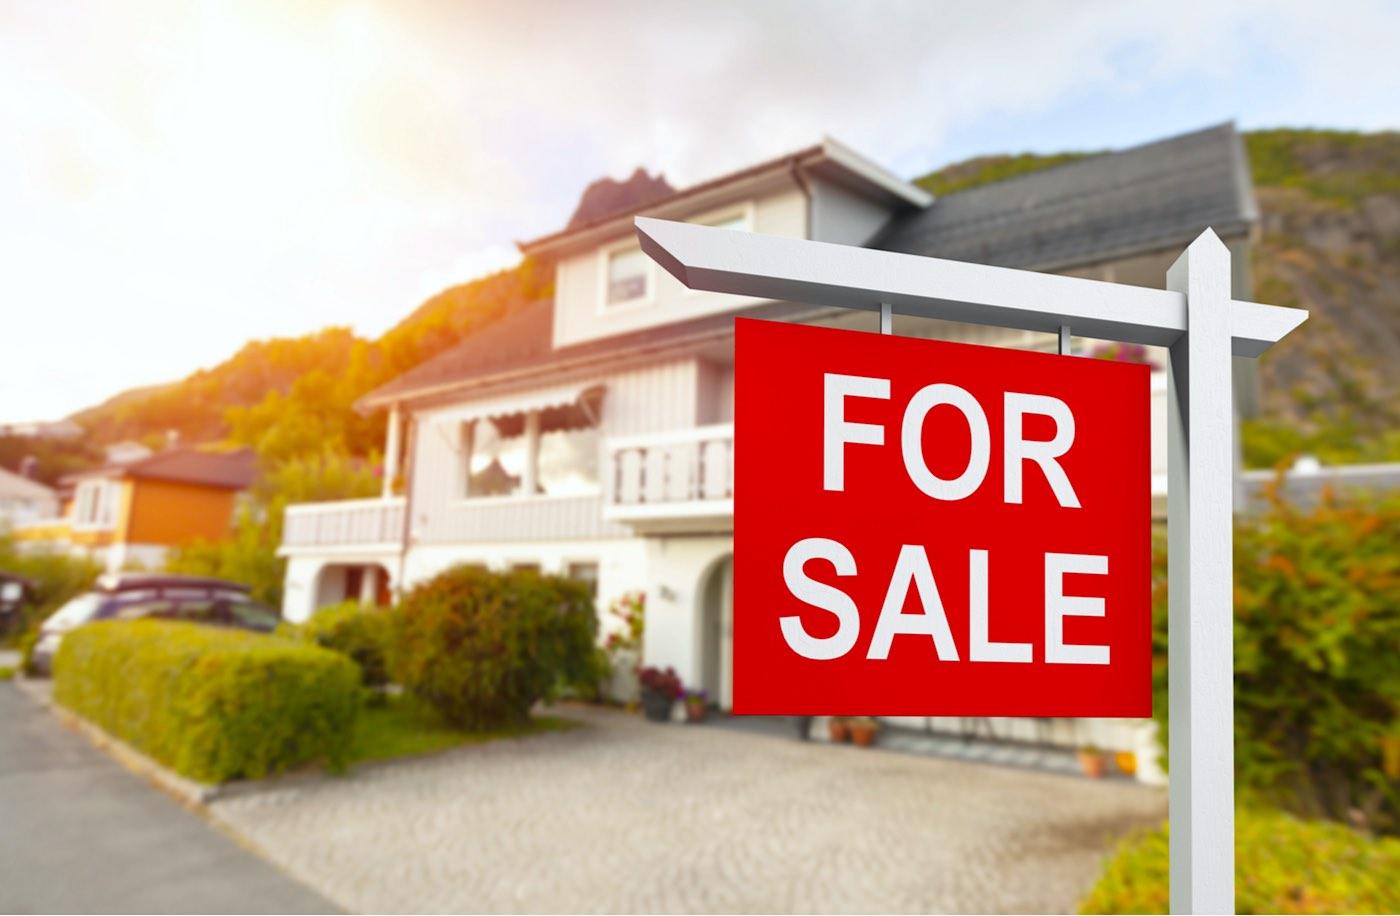 ¿Cómo vender una vivienda habitual y comprar otra sin incurrir en riesgos financieros, según Solvia?